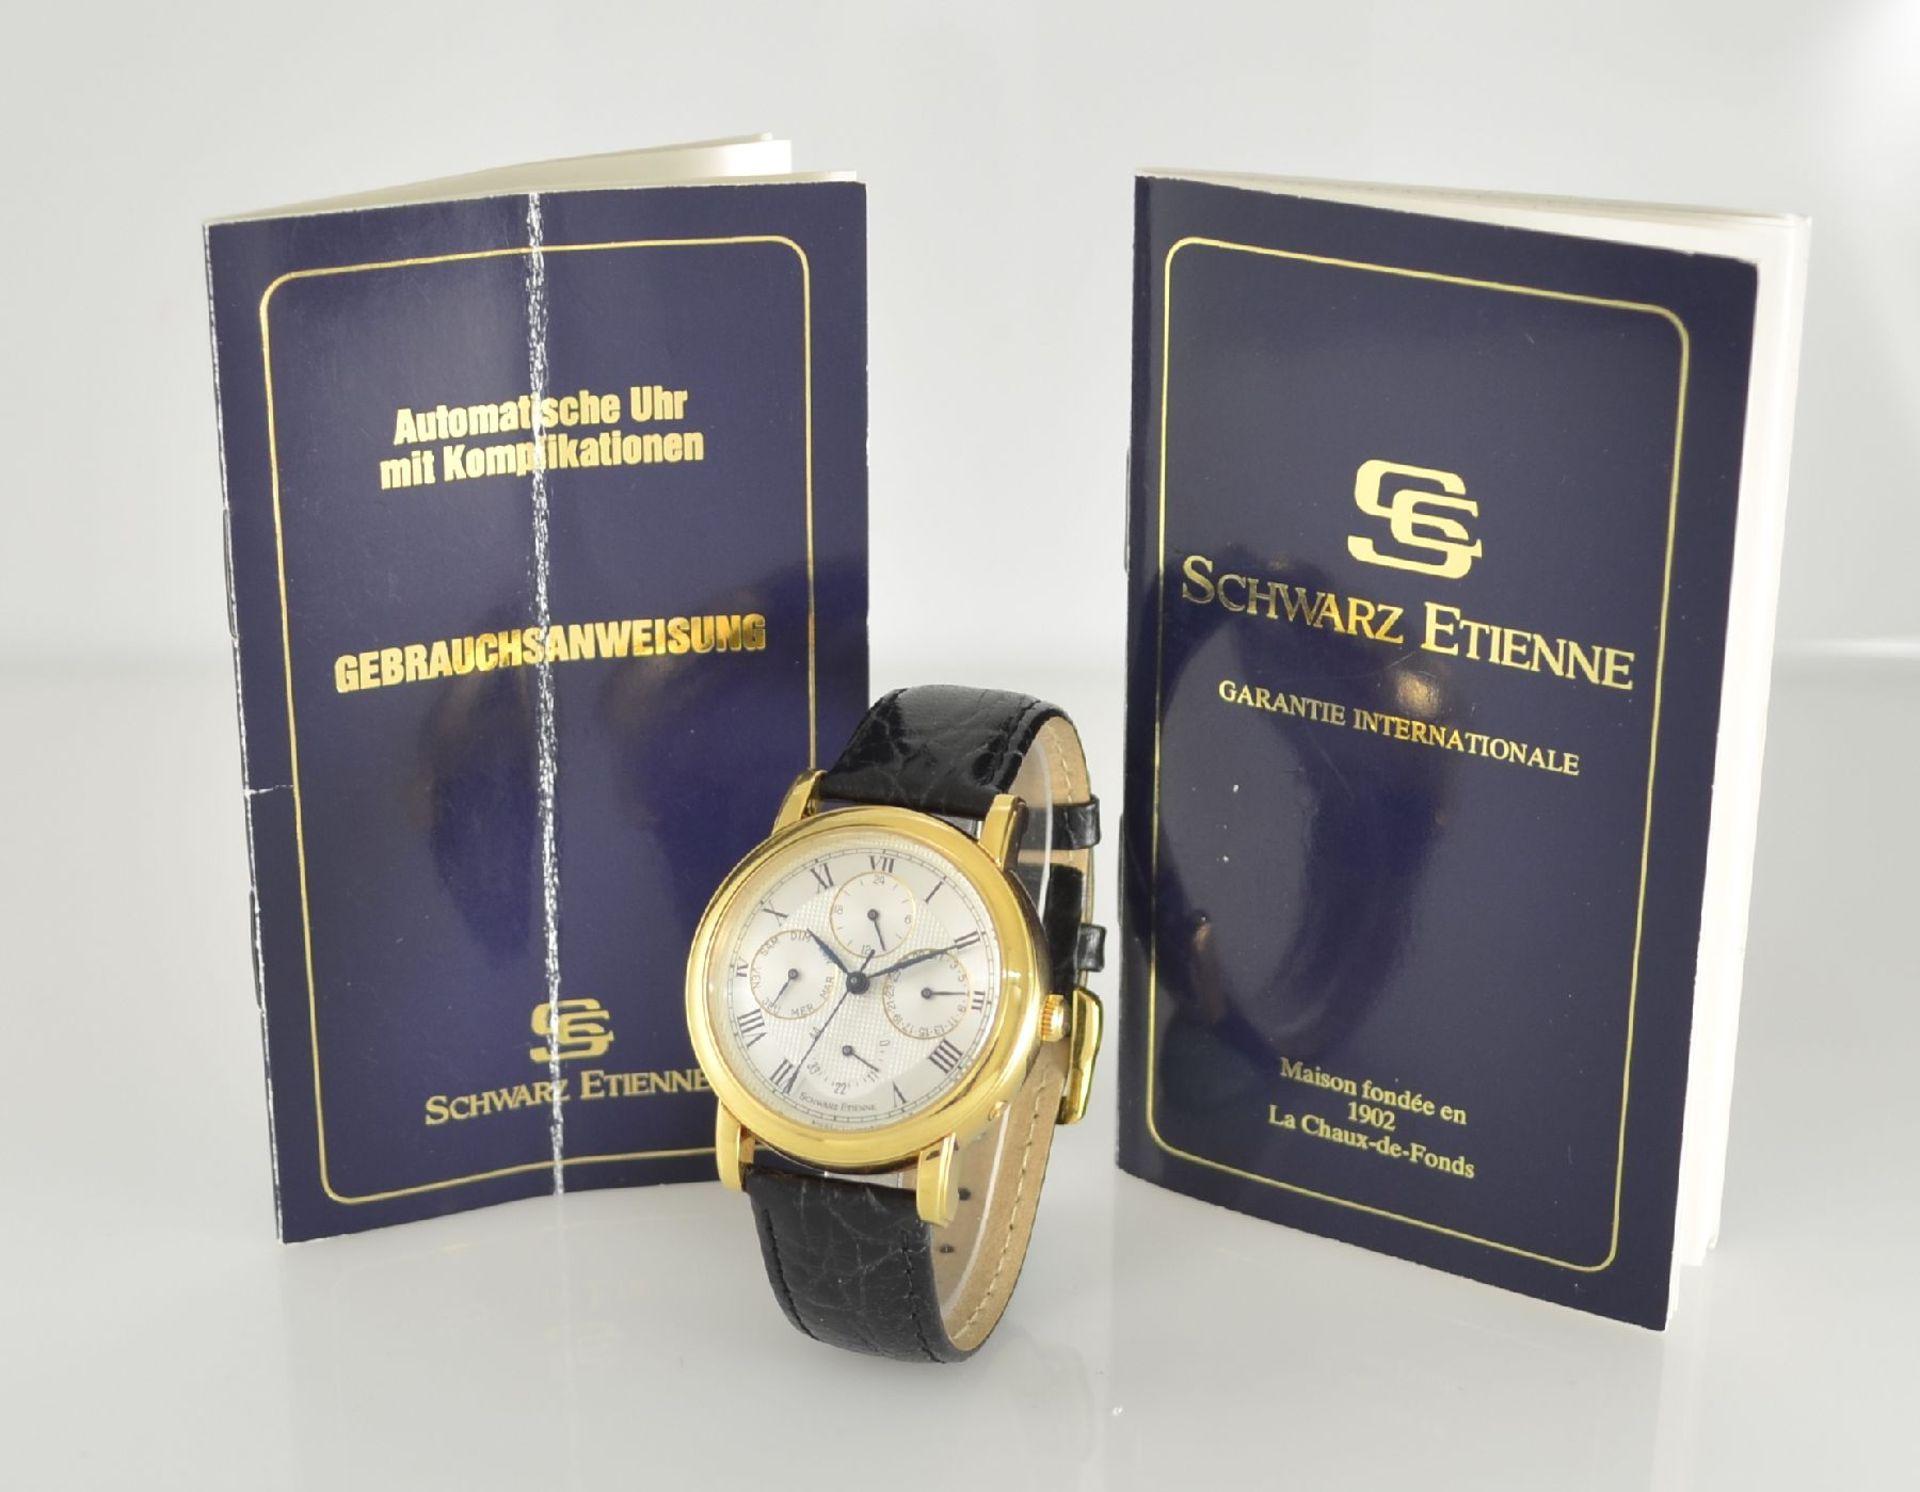 SCHWARZ ETIENNE Herrenarmbanduhr Komplikation in GG 750/000, Schweiz um 1997, Automatik, Ref. - Bild 10 aus 10